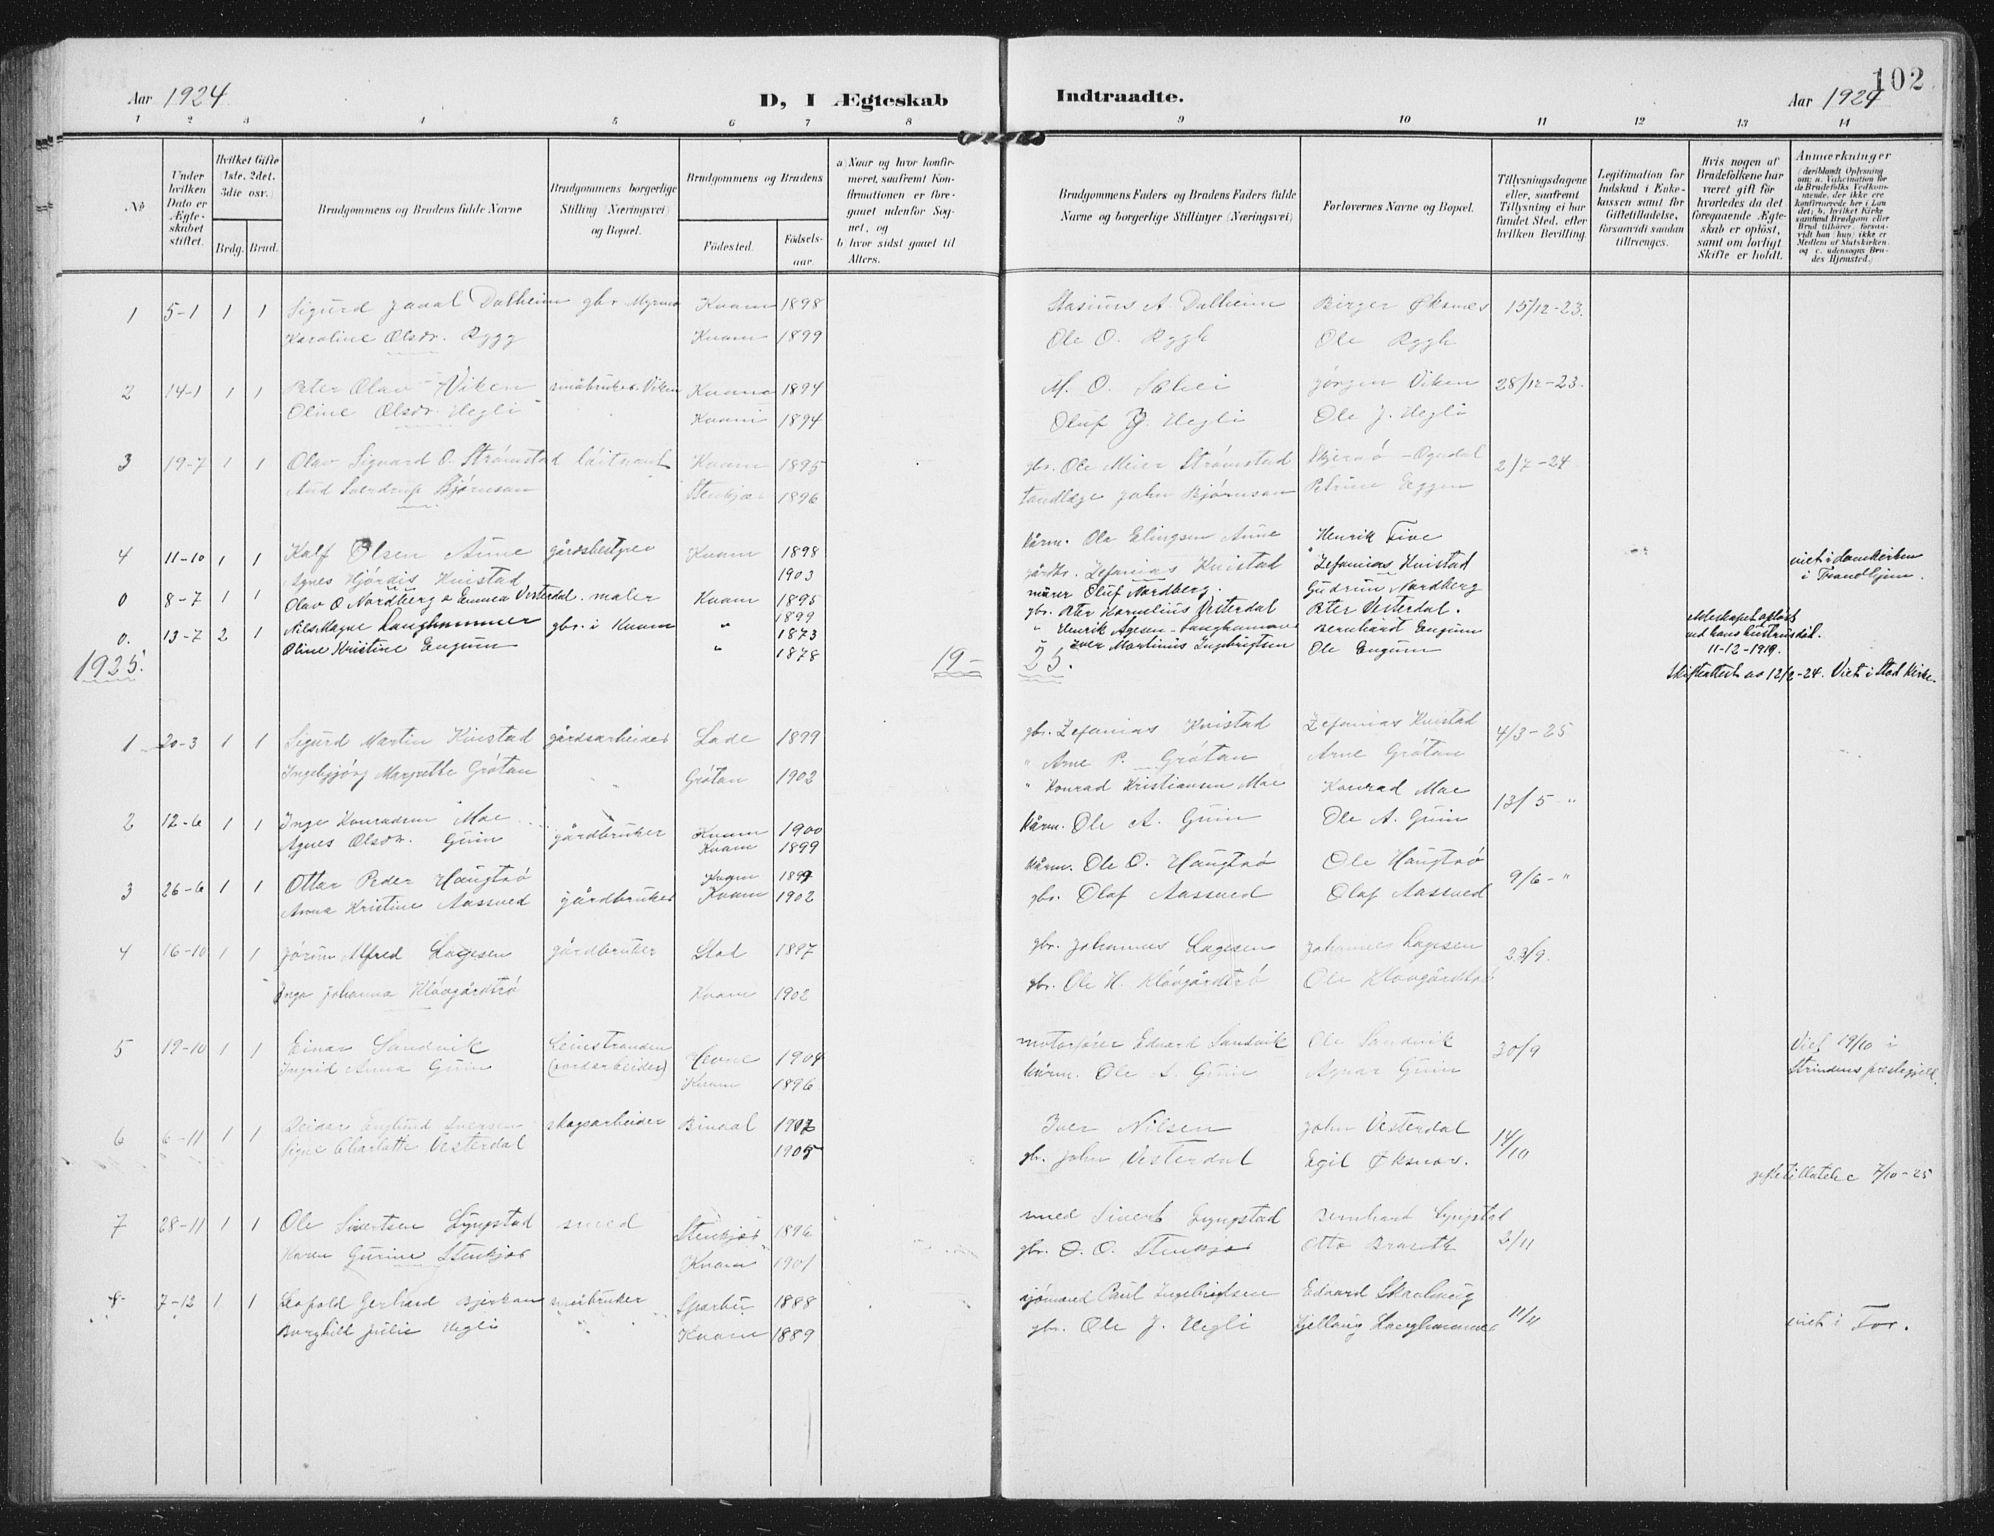 SAT, Ministerialprotokoller, klokkerbøker og fødselsregistre - Nord-Trøndelag, 747/L0460: Klokkerbok nr. 747C02, 1908-1939, s. 102